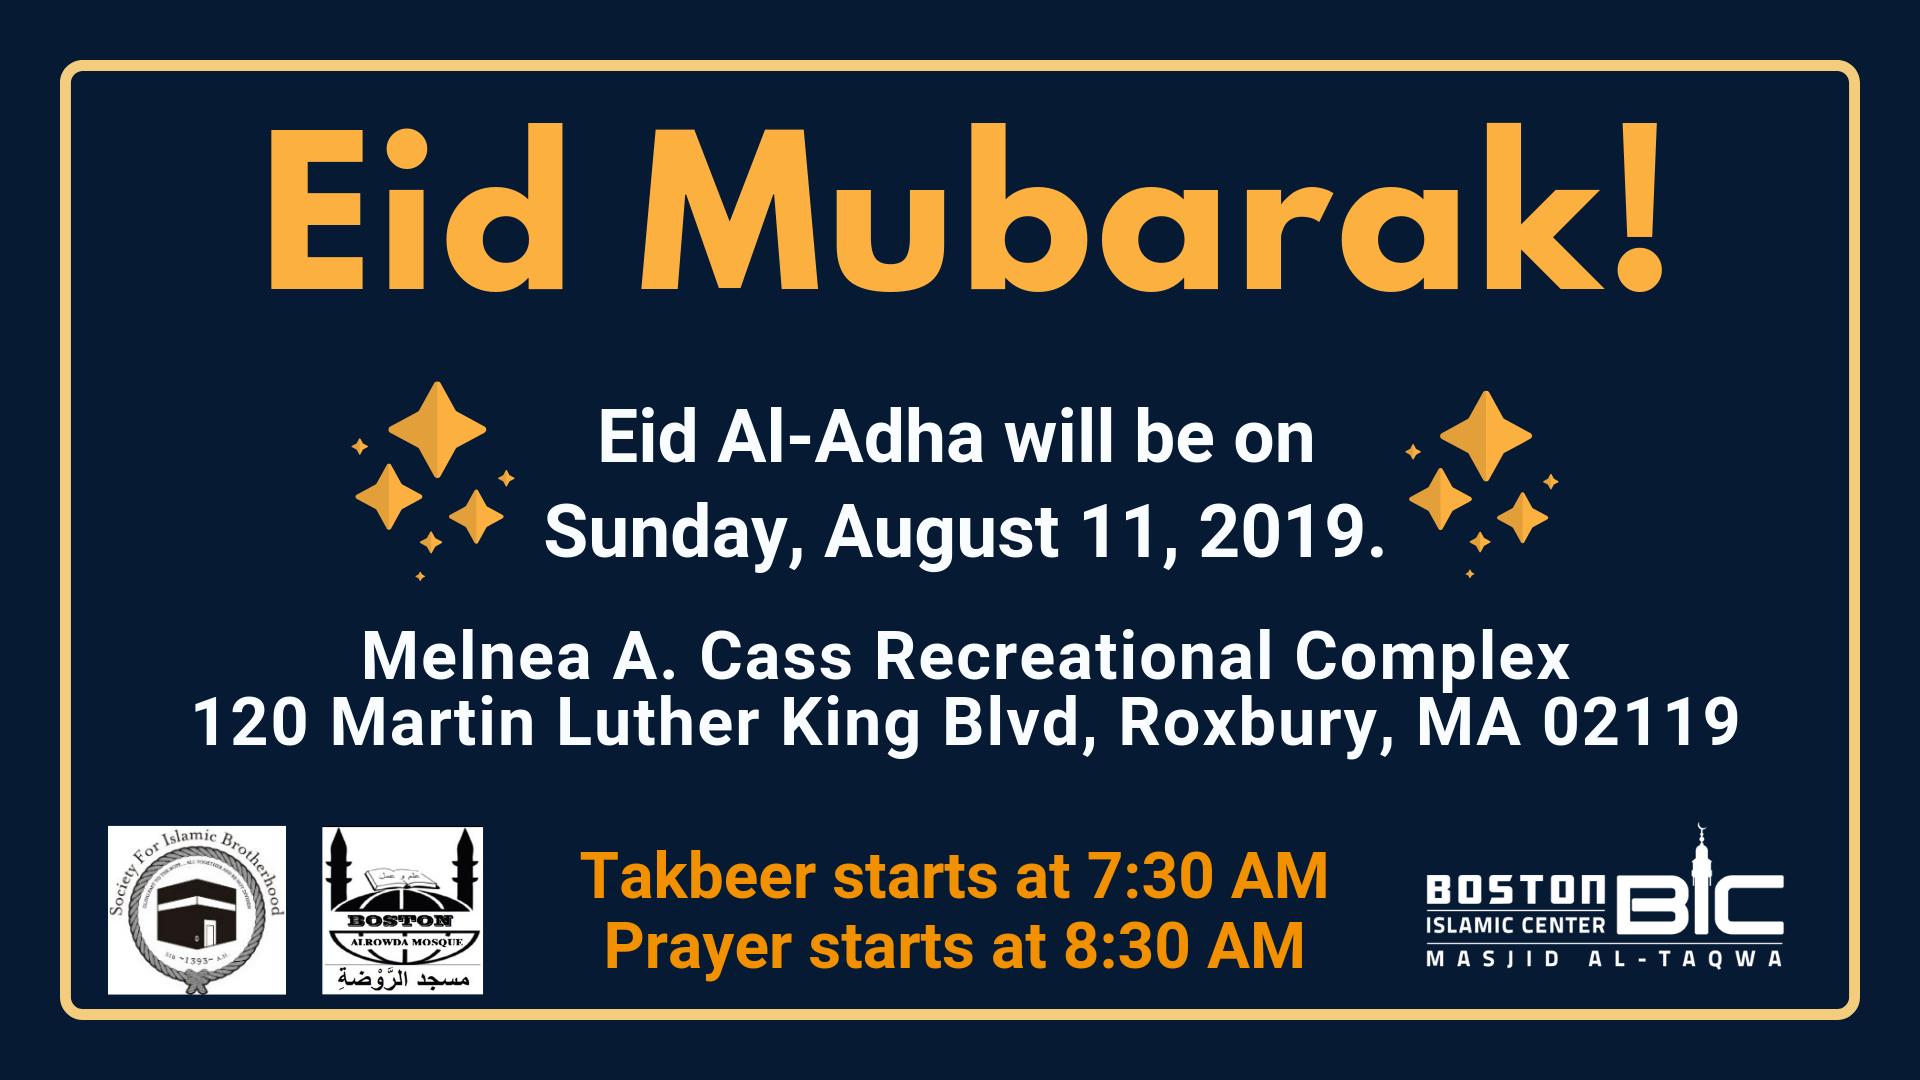 Eid Mubaarak